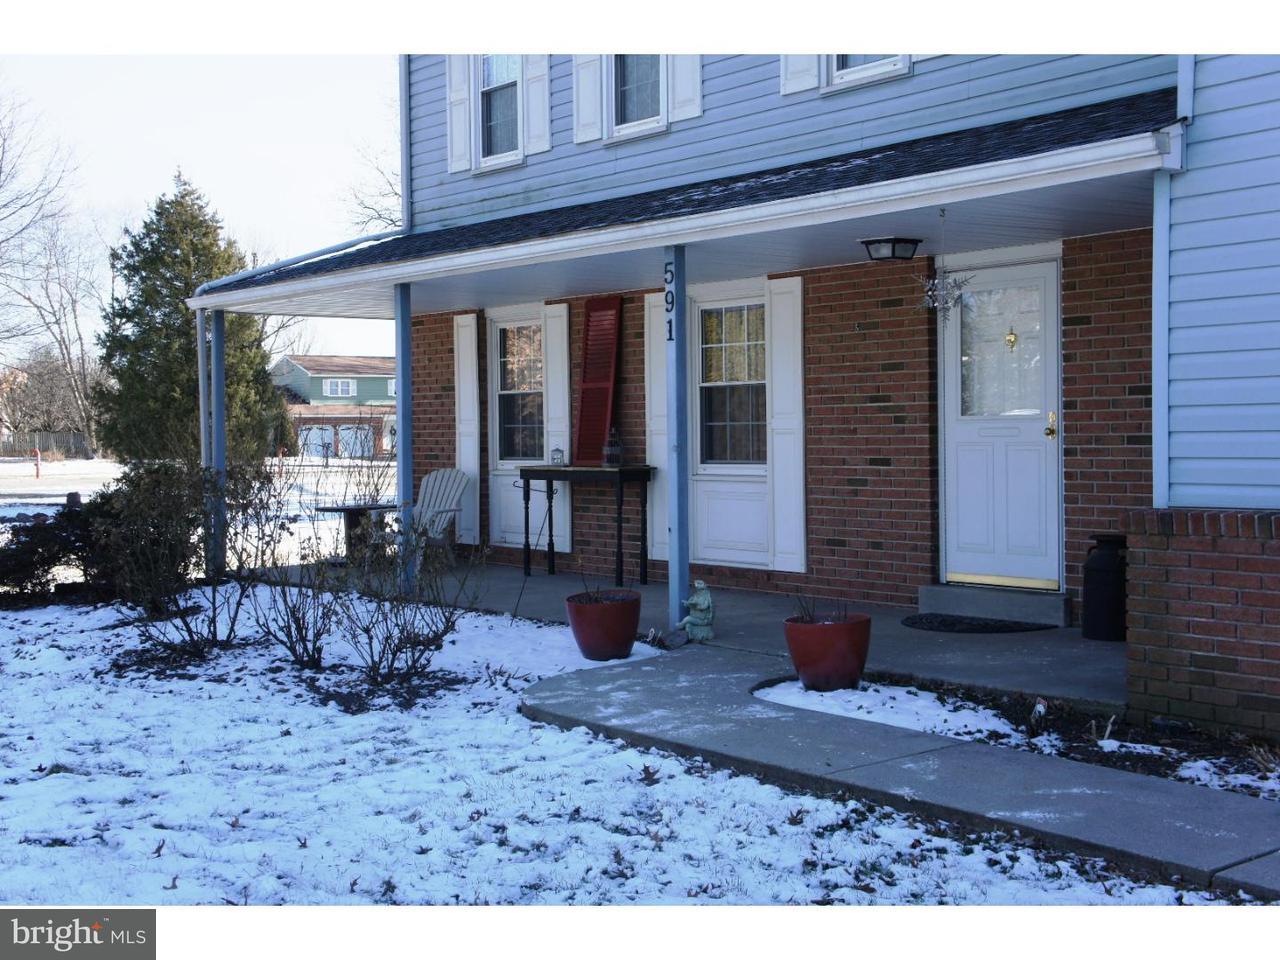 Частный односемейный дом для того Продажа на 591 PENNFIELD Drive Hatfield, Пенсильвания 19440 Соединенные Штаты